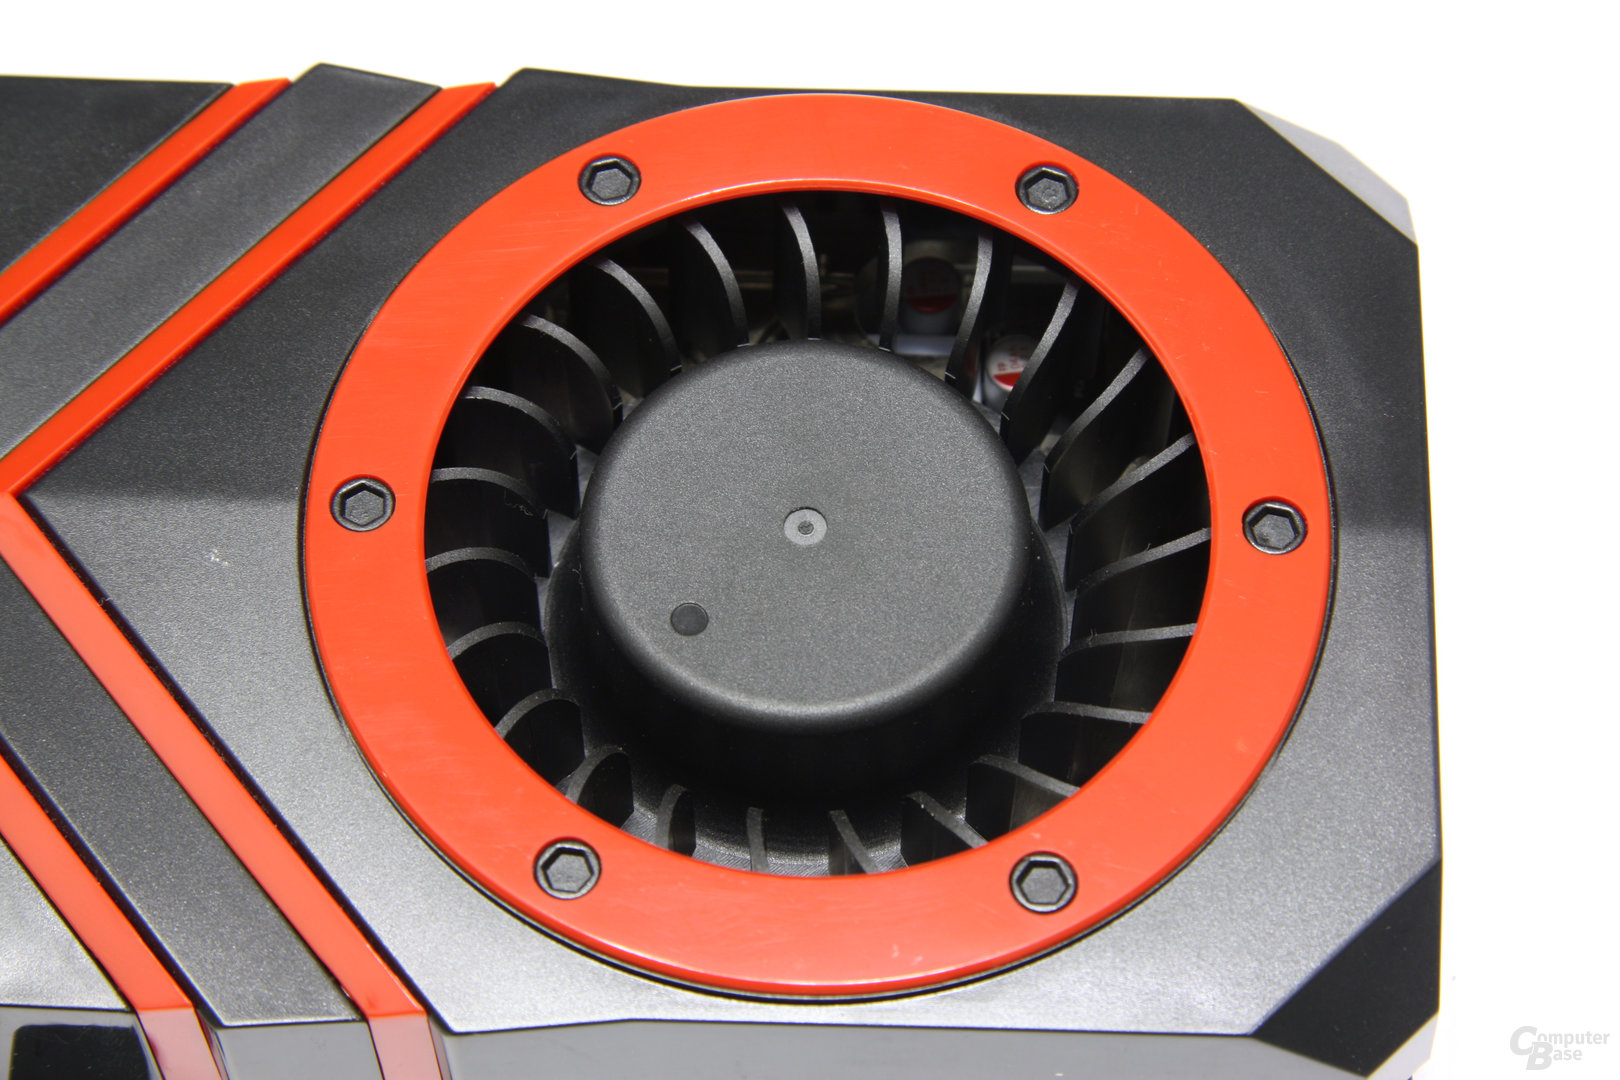 Radeon HD 5870 V2 Lüfter